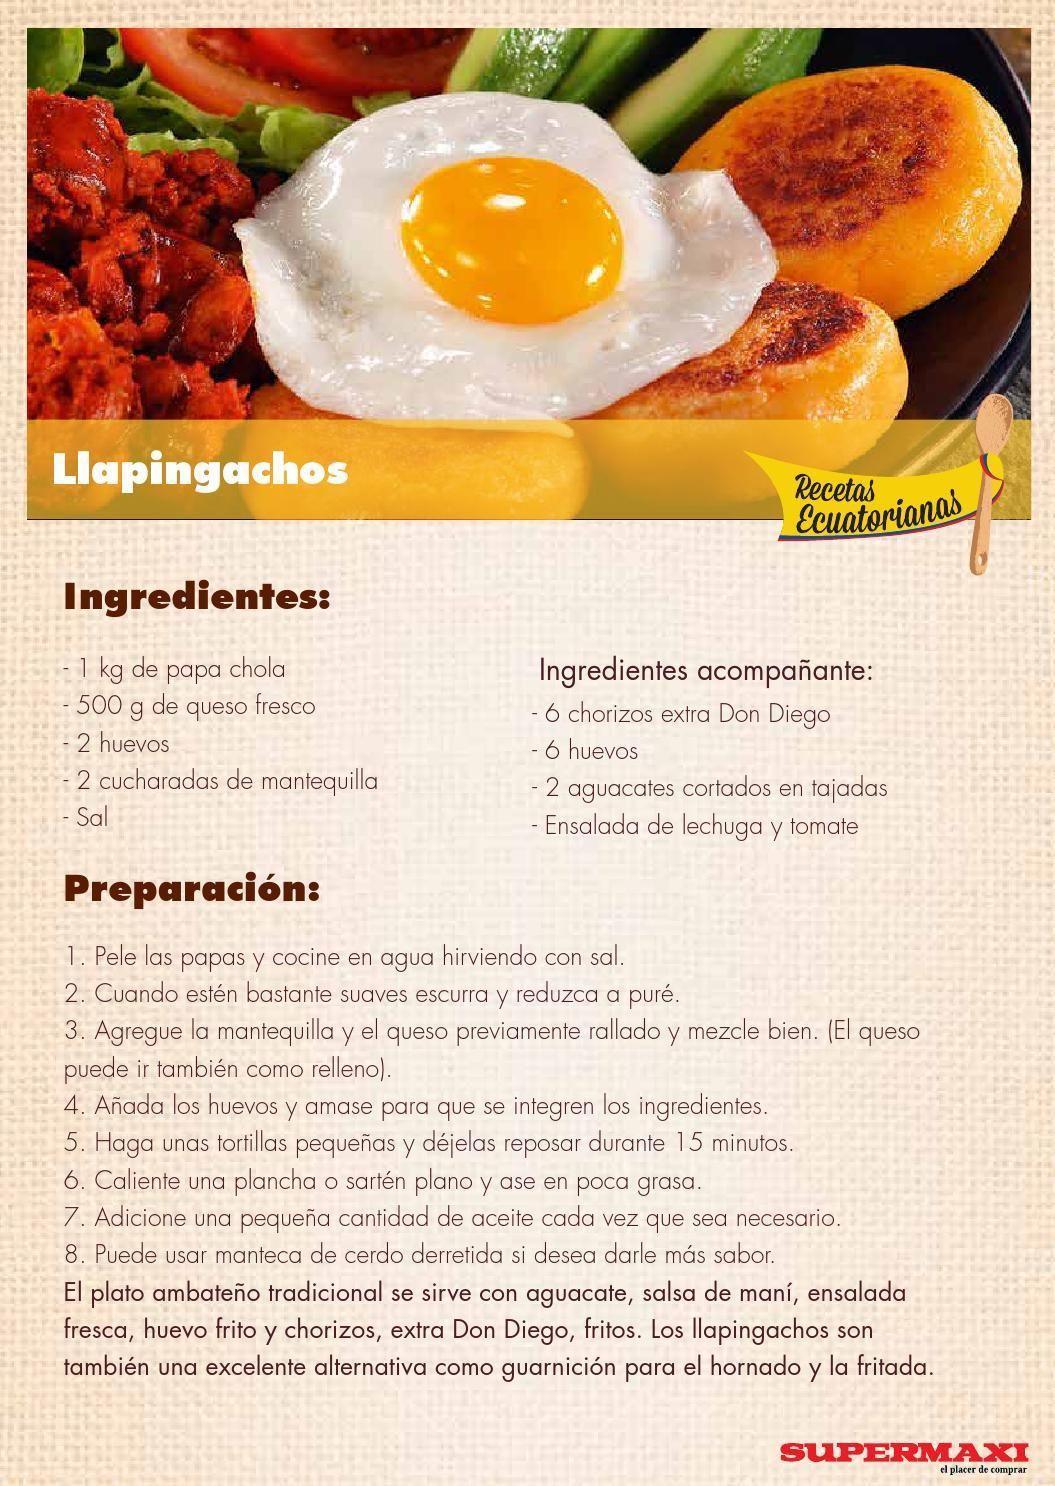 Recetas Ecuatorianas  Recetas ecuatorianas Recetas y Comida